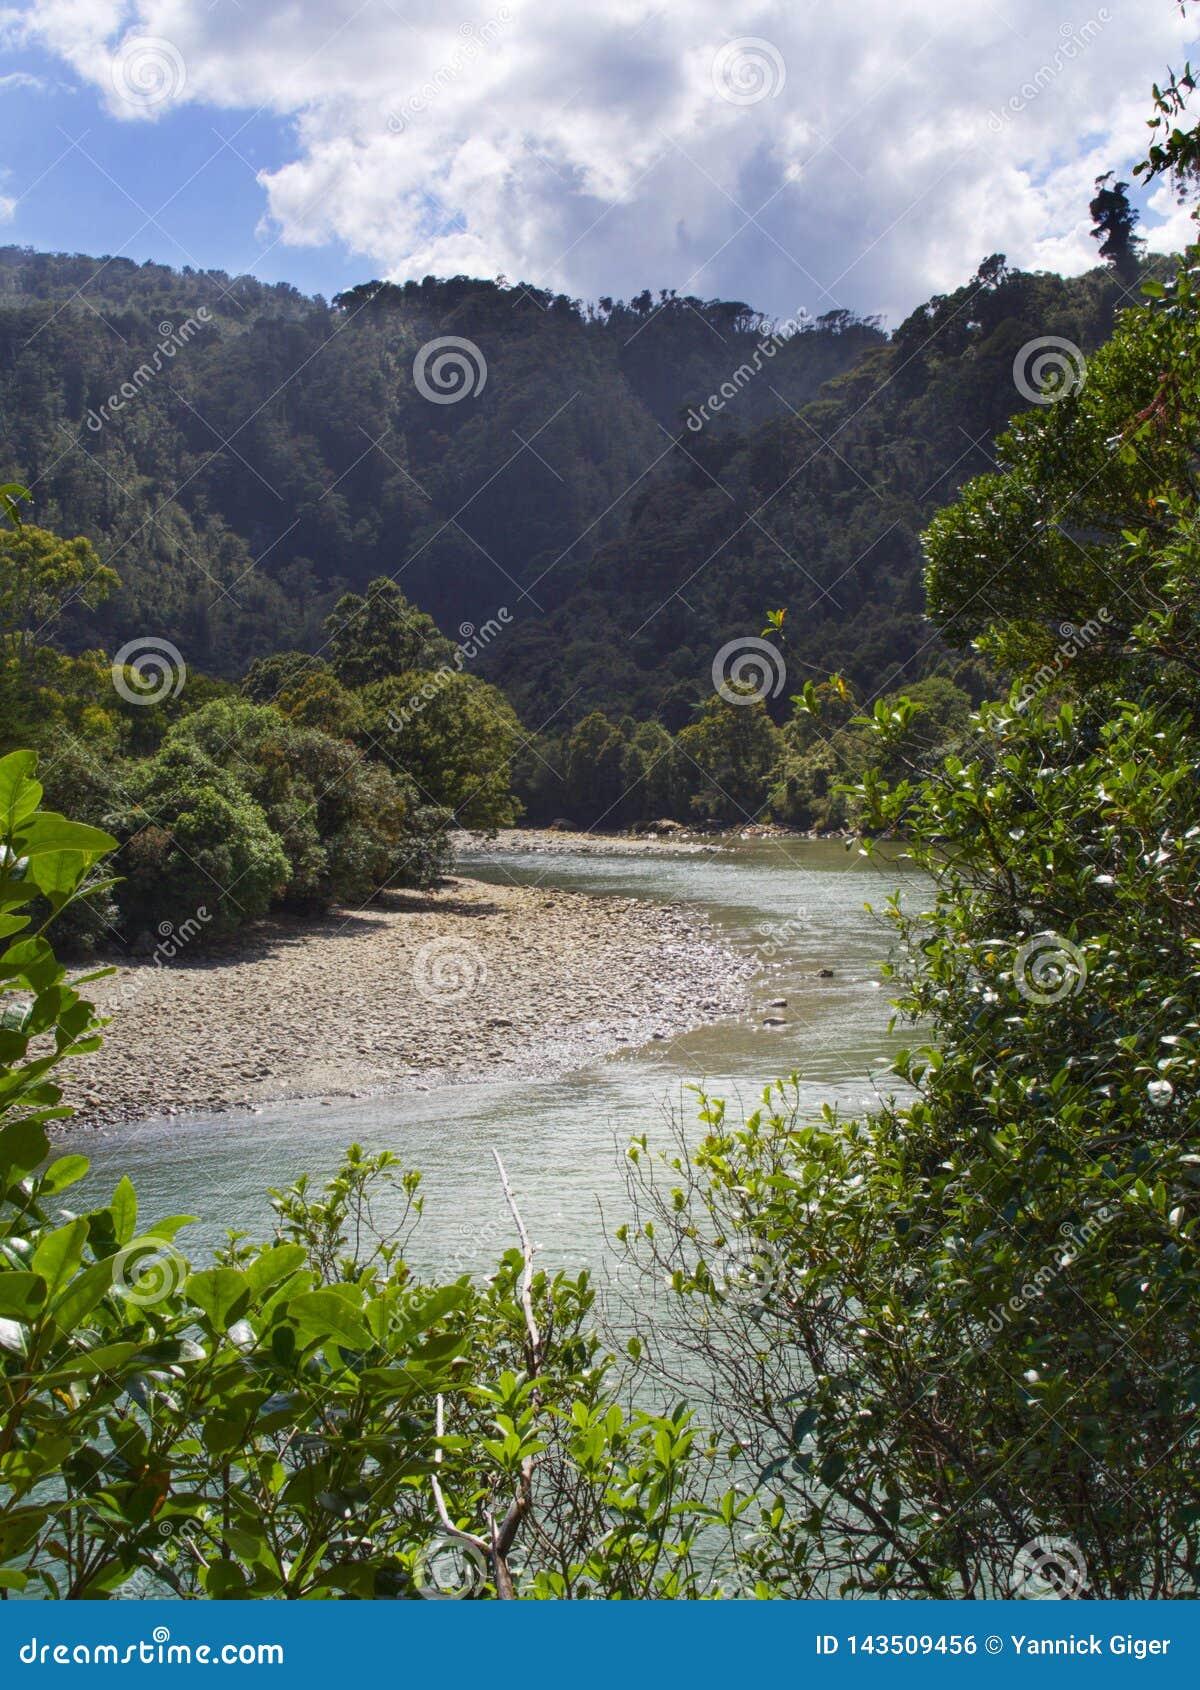 Curvas y curvas del río a través del desierto boscoso en Nueva Zelanda